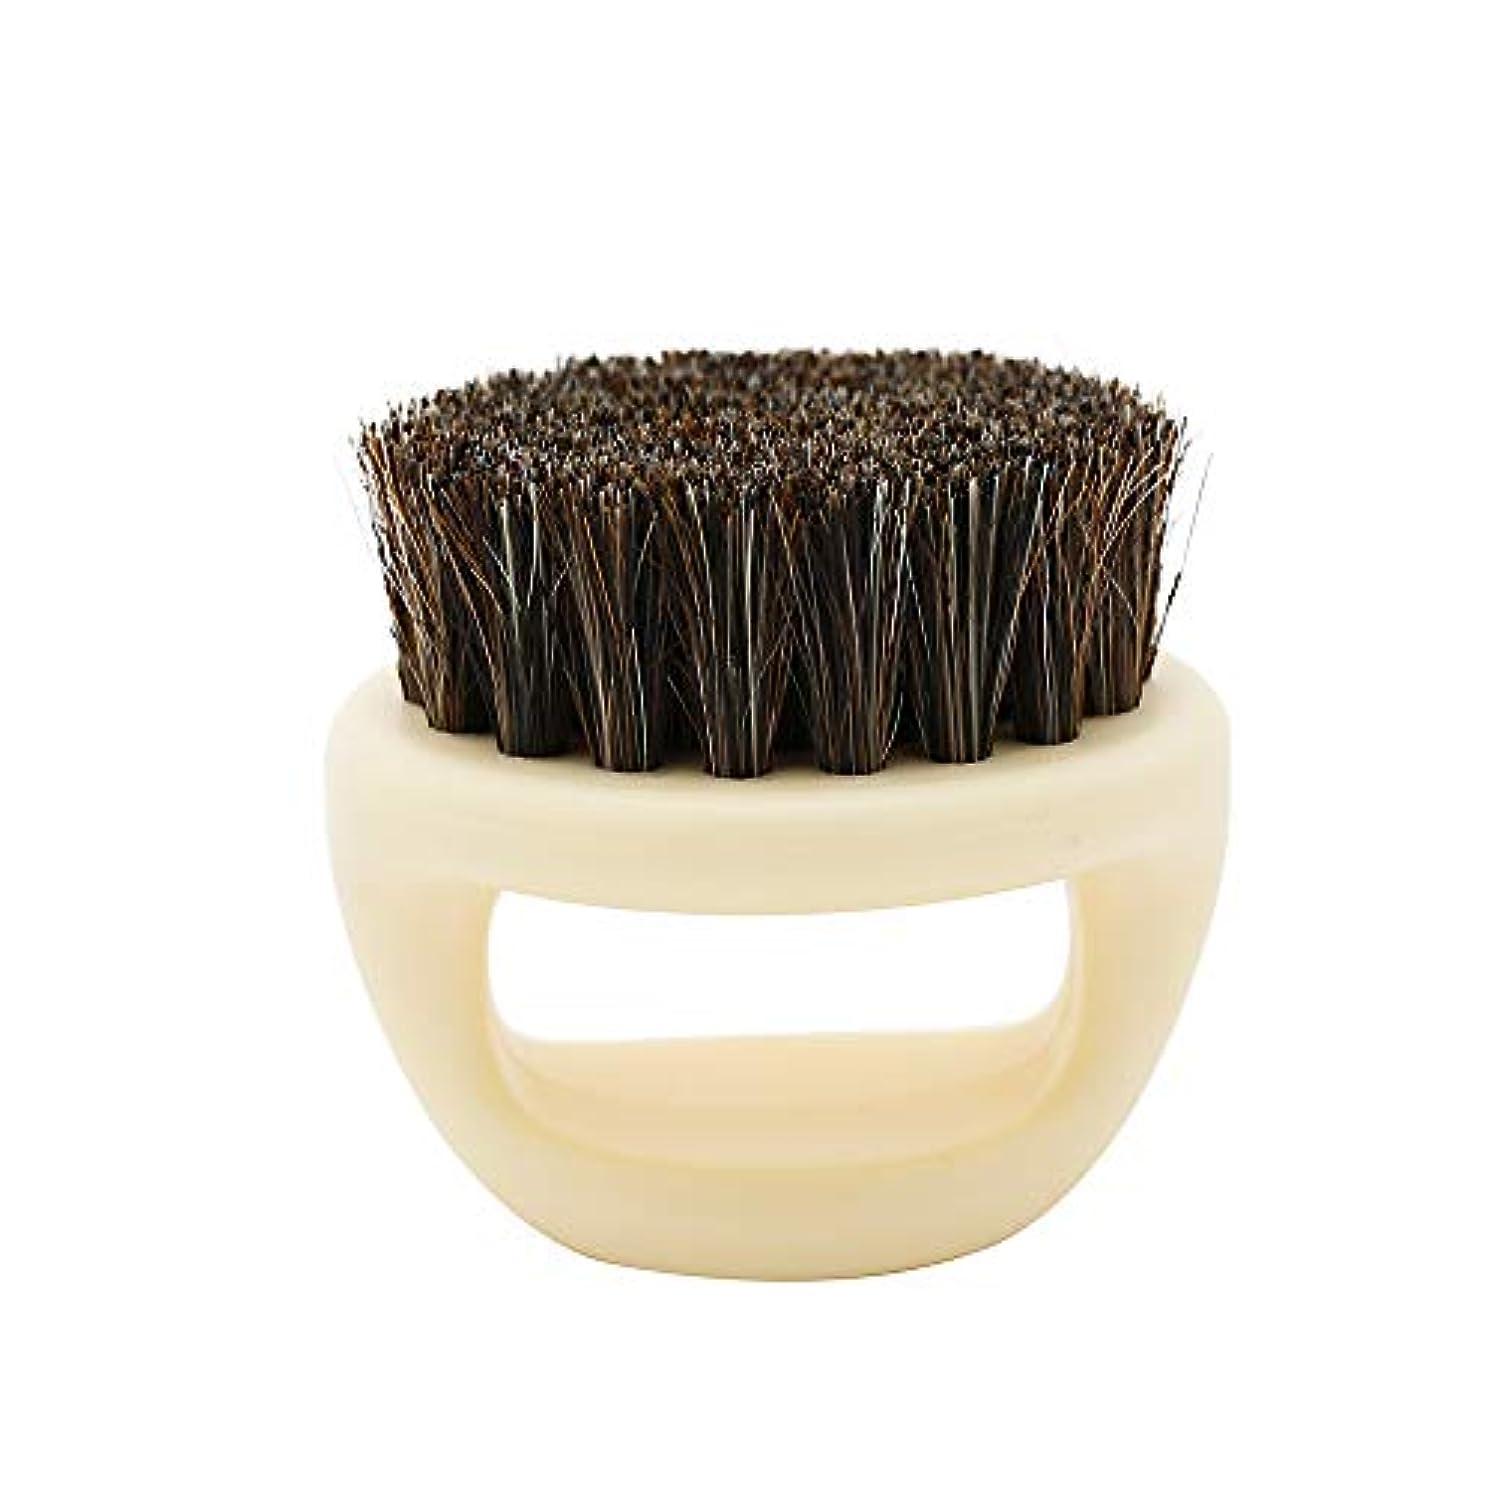 戻る特異なピューGaoominy 1個リングデザイン馬毛メンズシェービングブラシプラスチック製の可搬式理容ひげブラシサロンフェイスクリーニングかみそりブラシ(ホワイト)